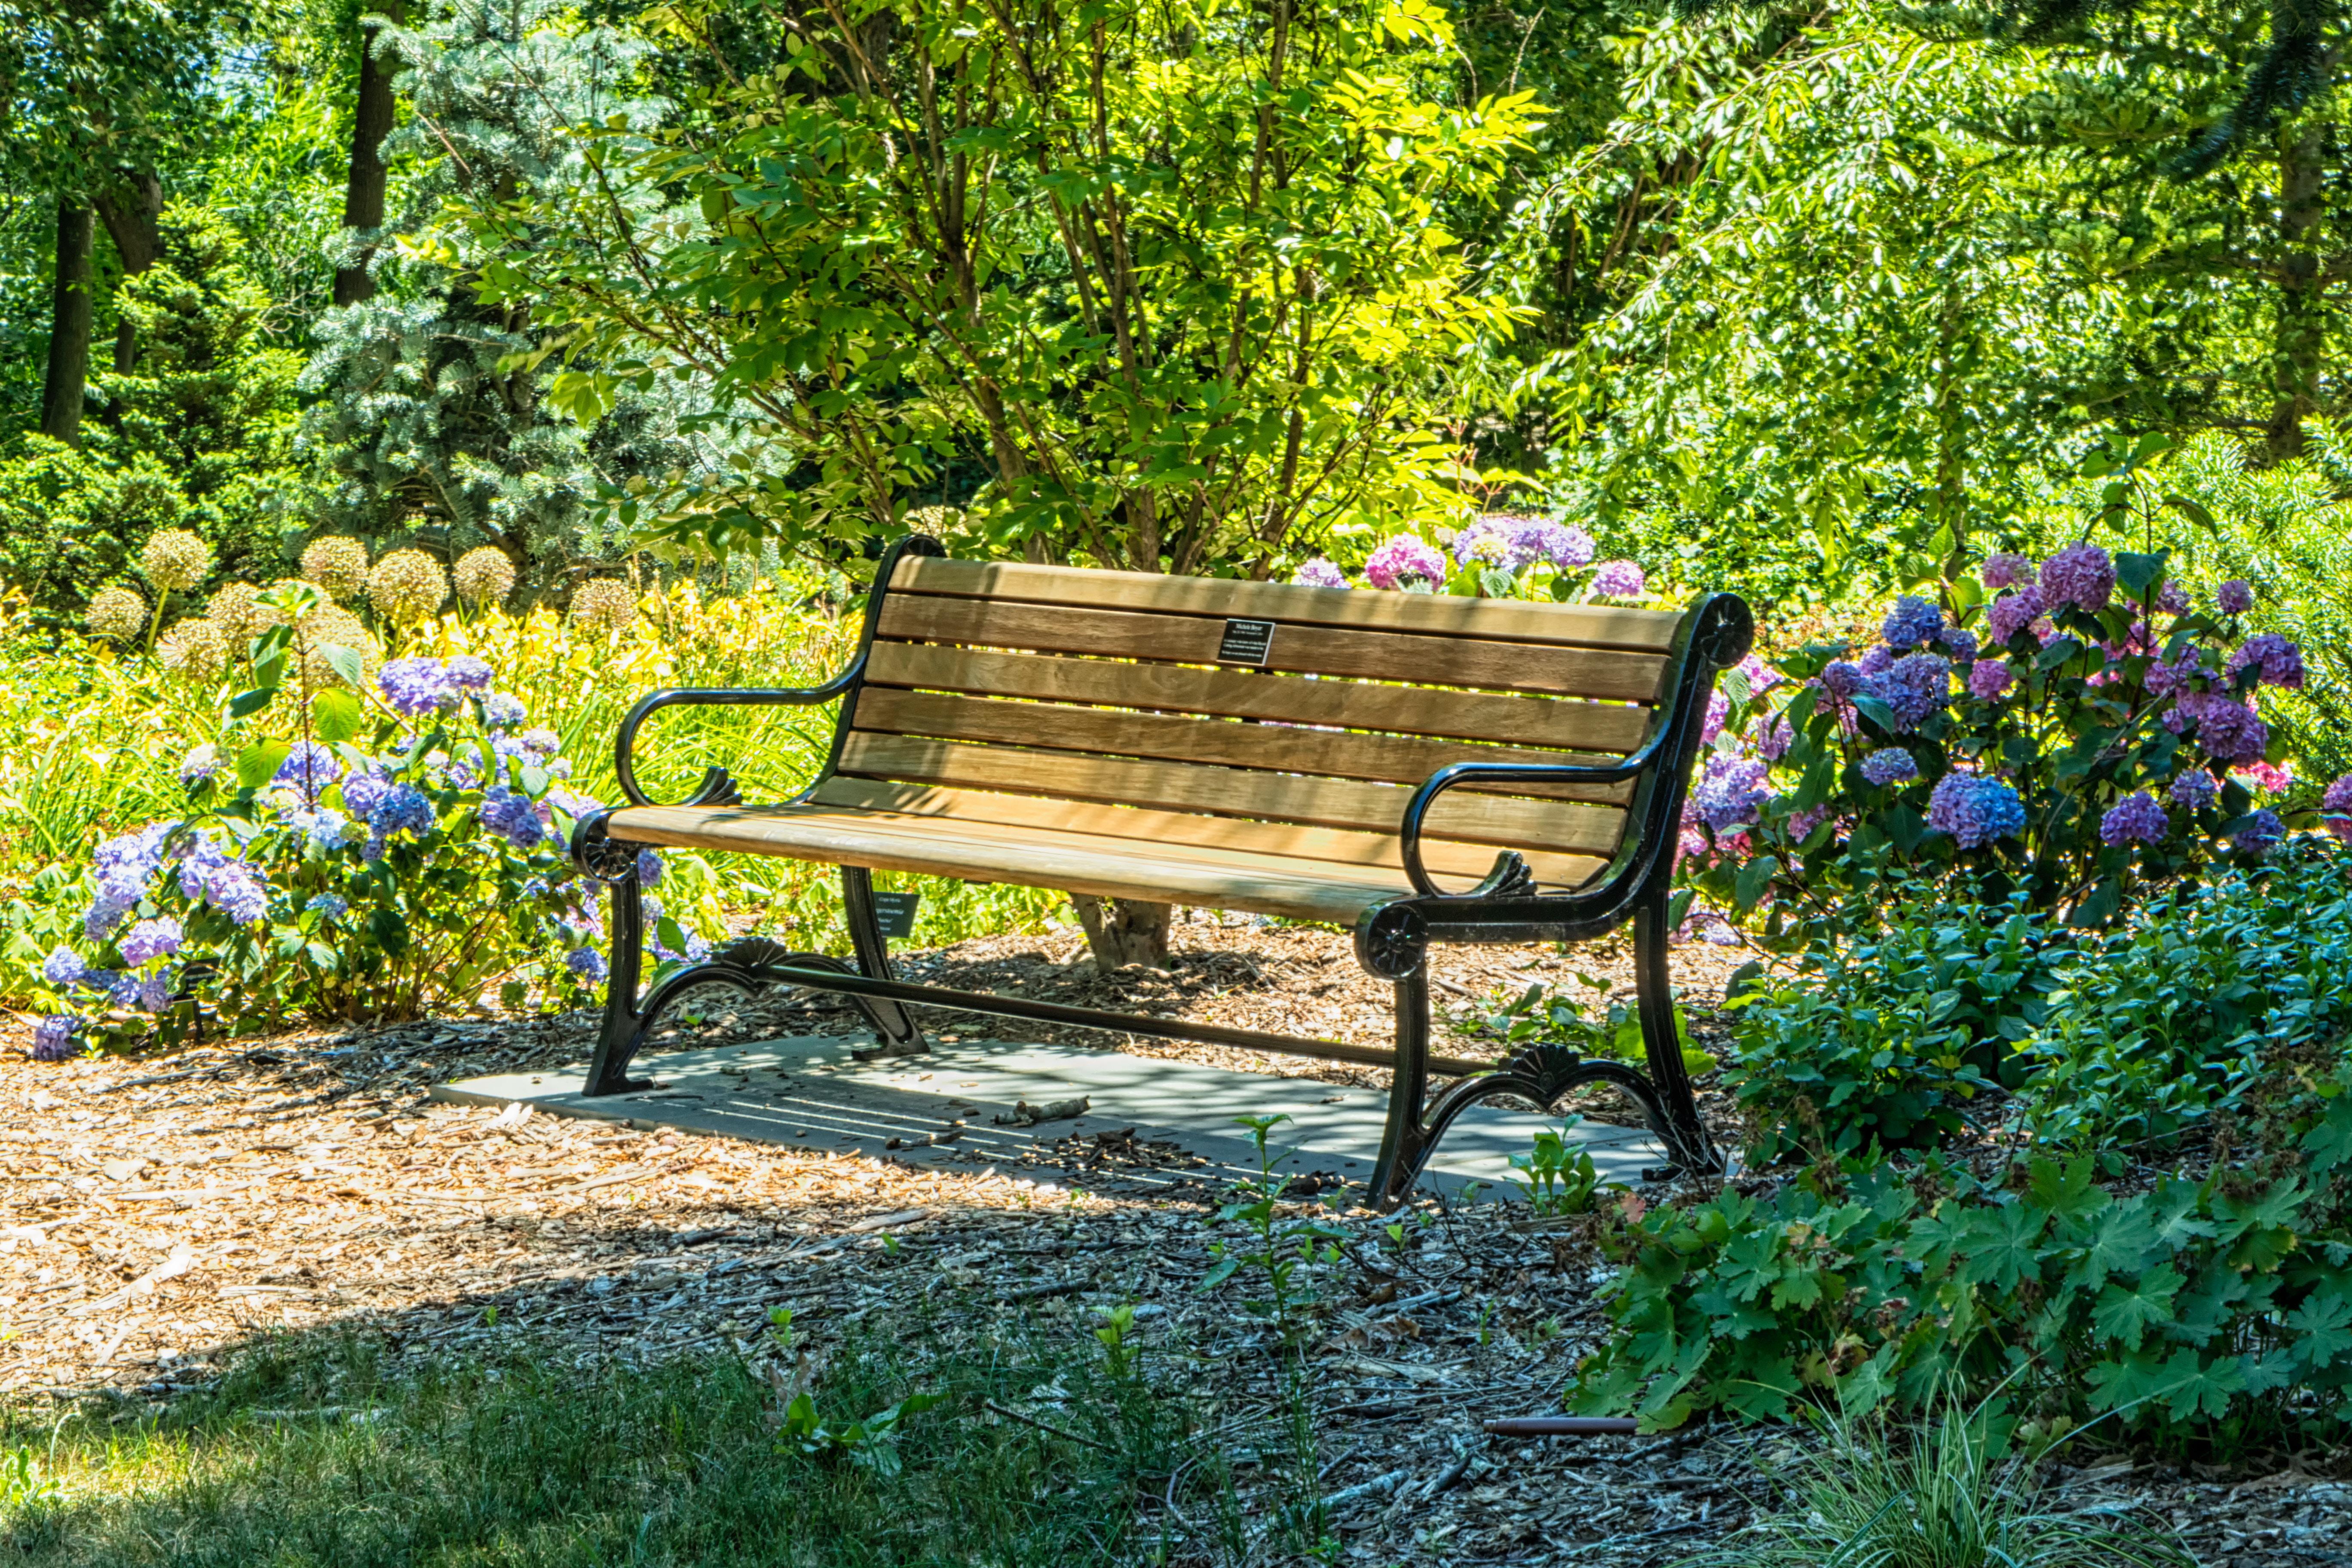 Gartenmobel Reinigen 9 Tipps Zur Pflege Von Alu Holz Und Edelstahl Gartenzuhause